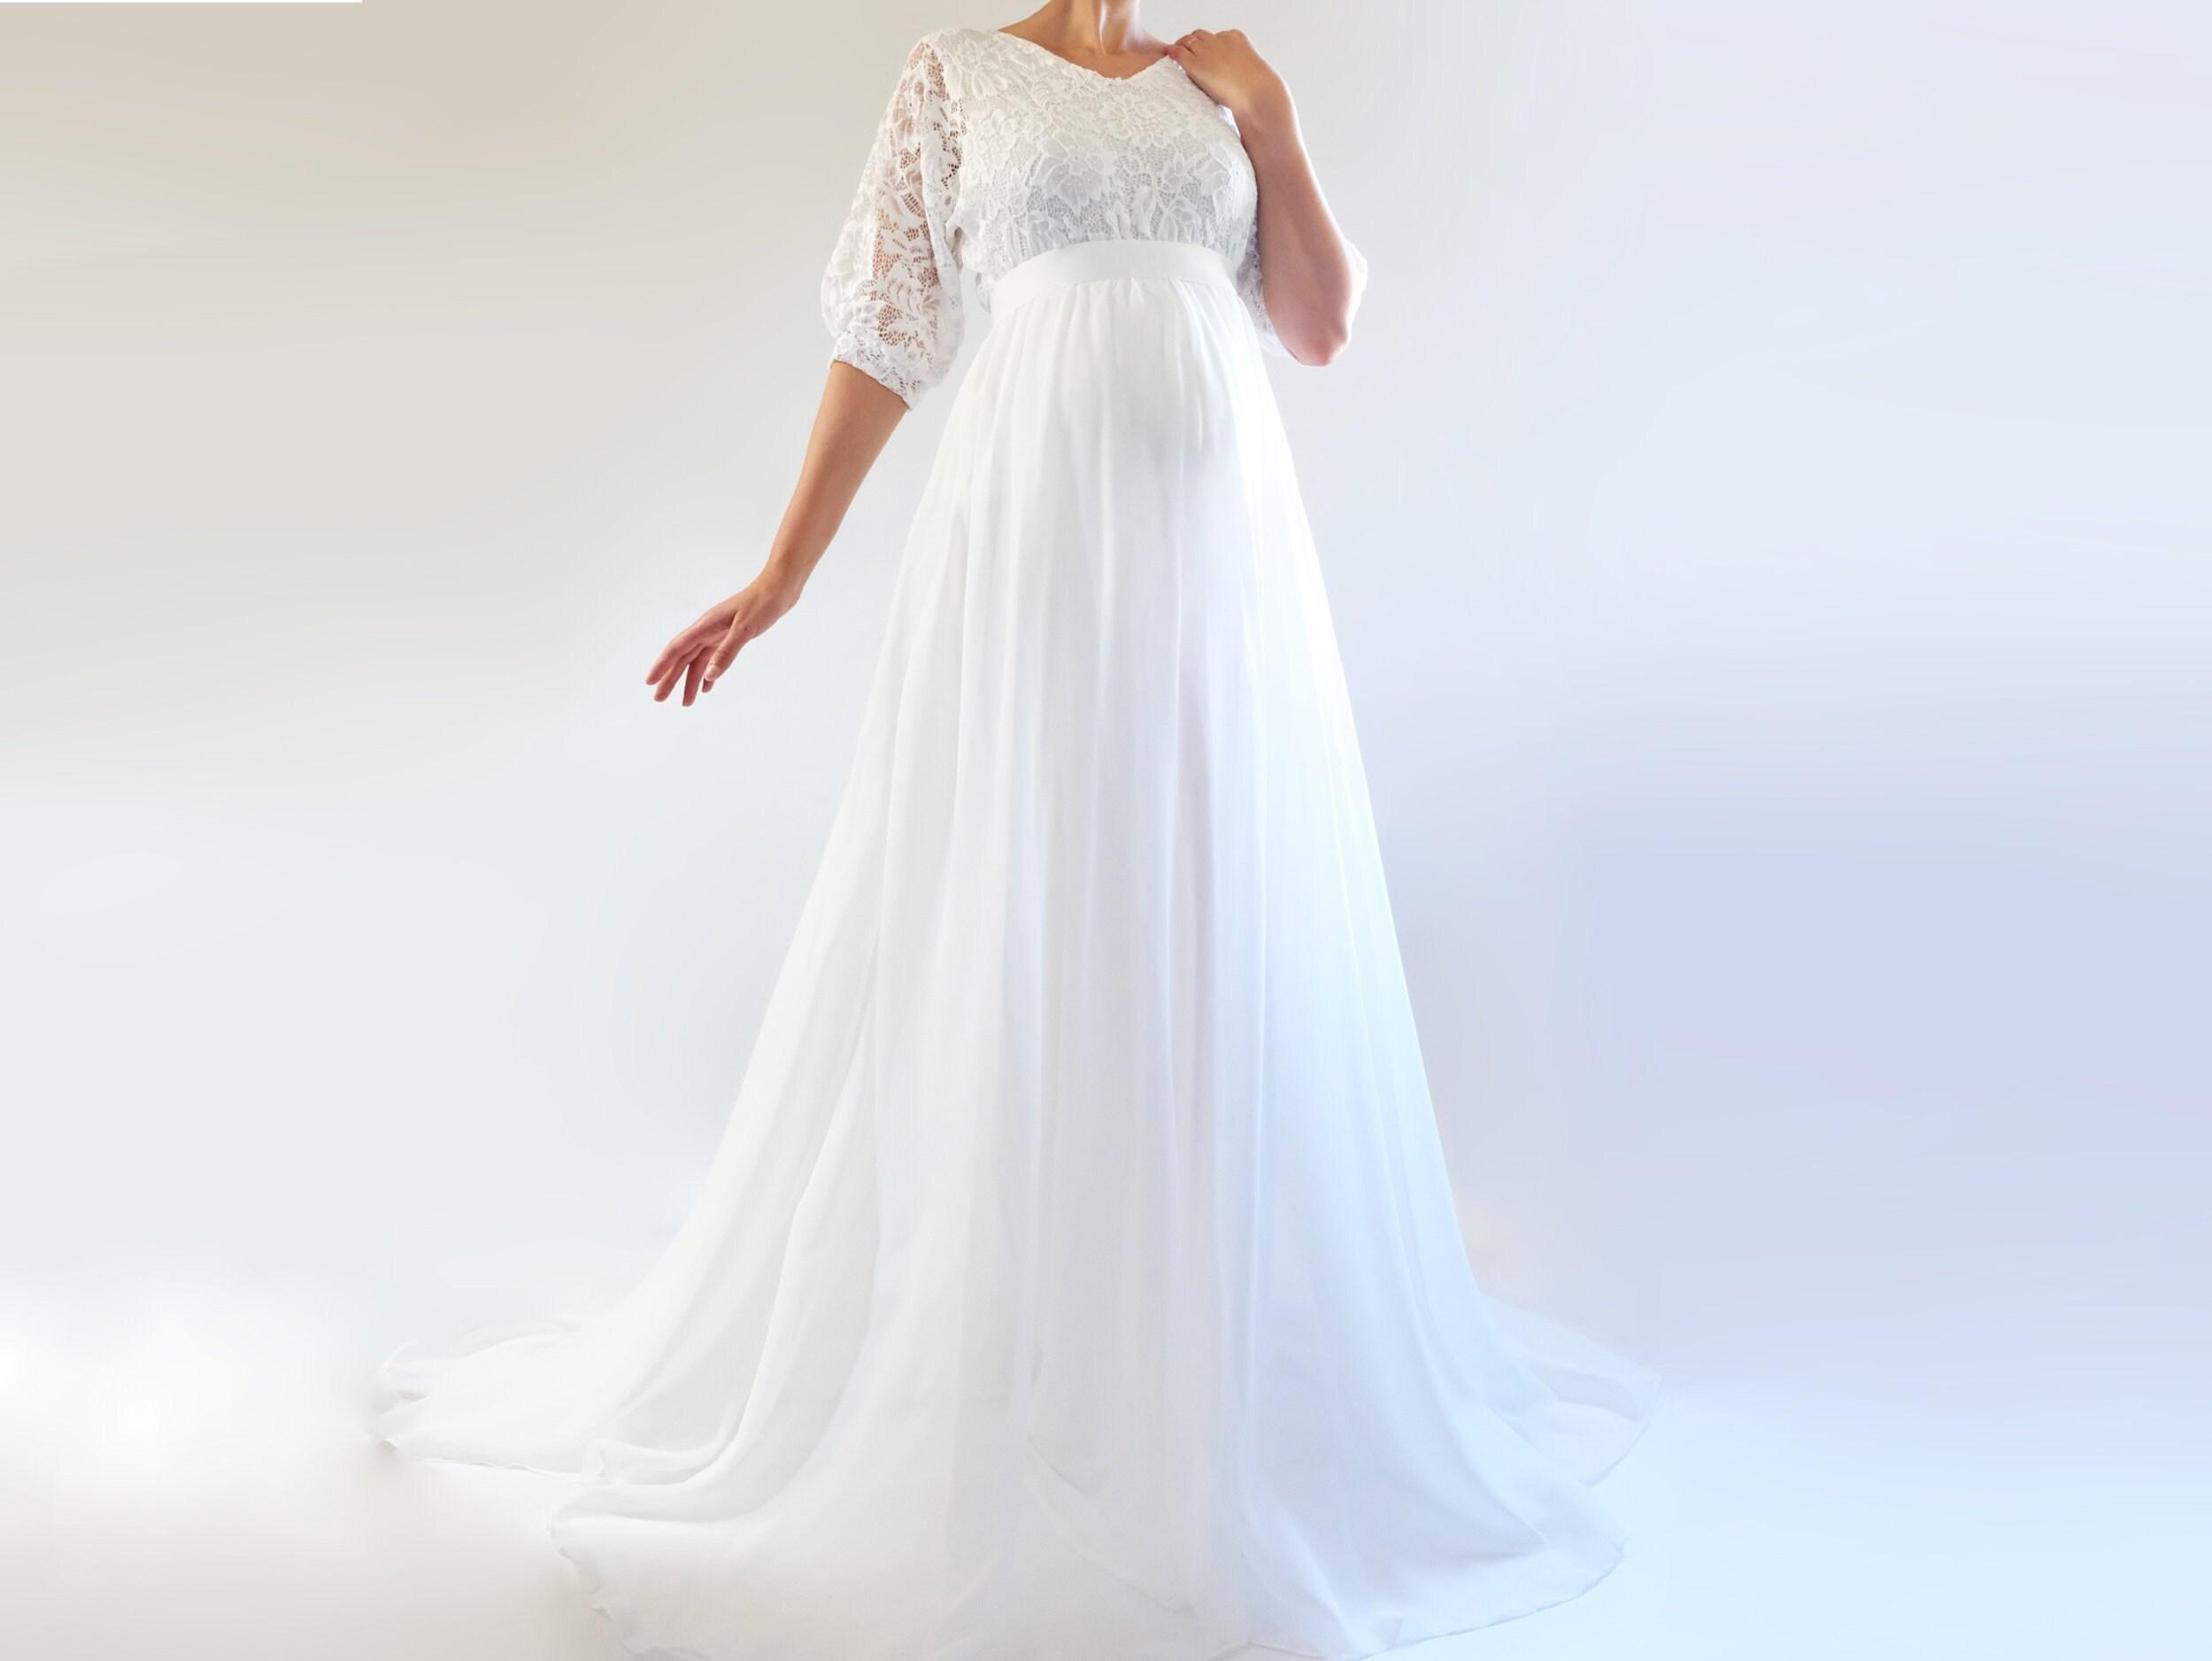 eb56a2f819 LUCY Boho Chiffon Wedding Dress Lace and Chiffon Maternity